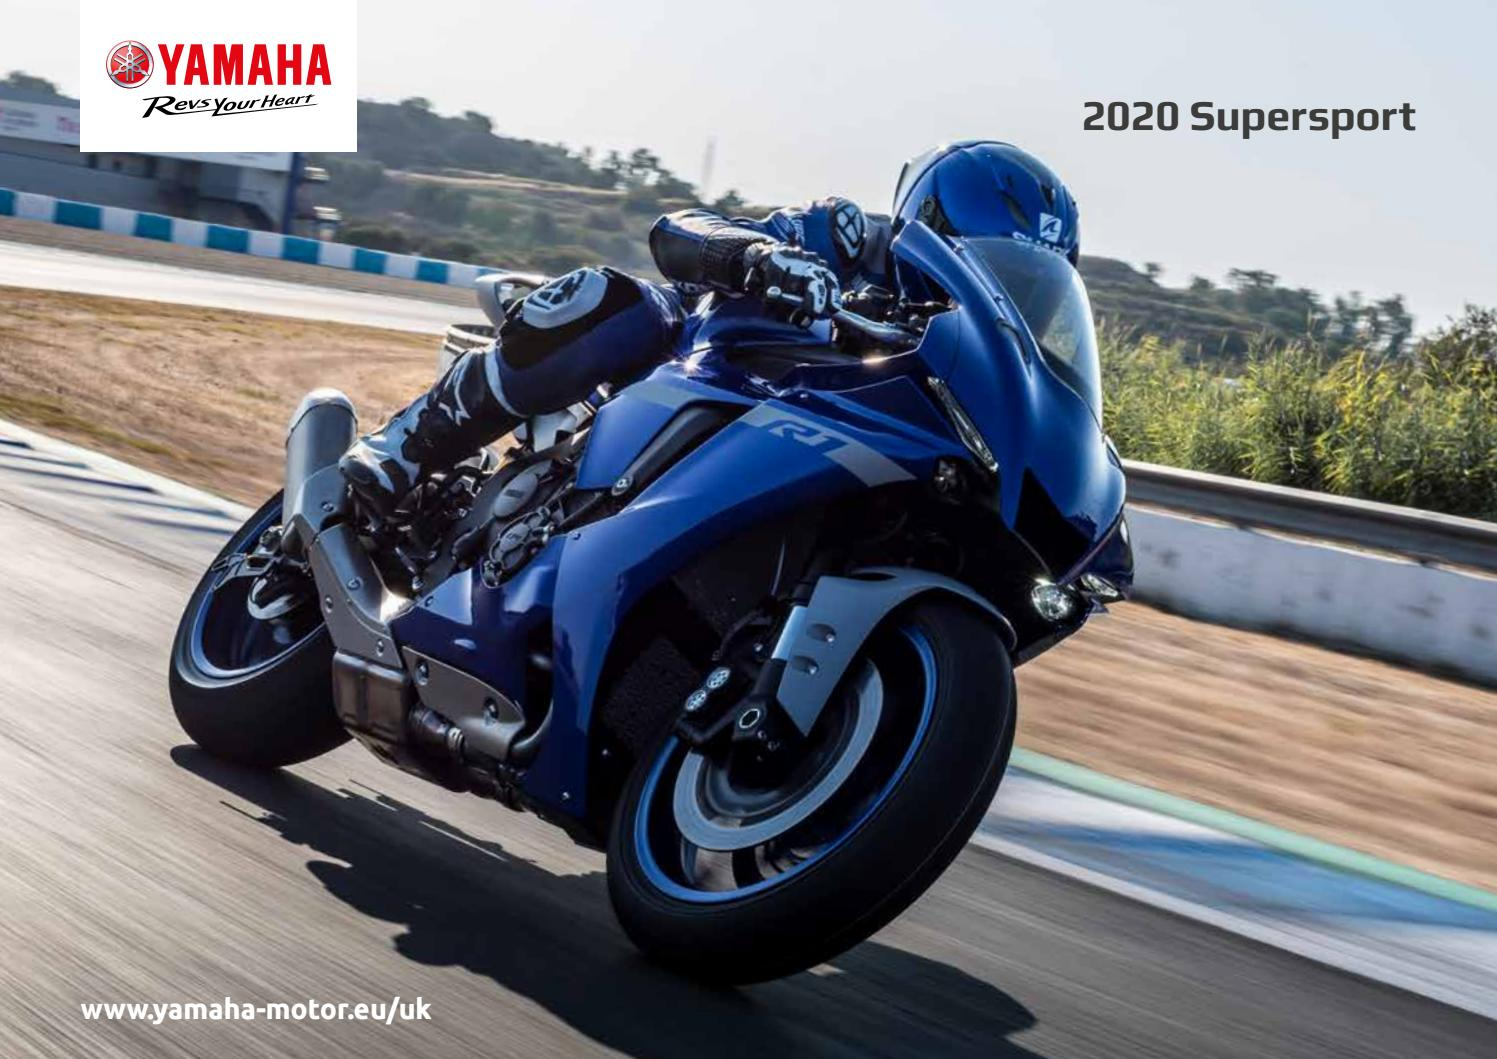 2020 Supersport Brochure By Yamaha Motor Europe Uk Issuu